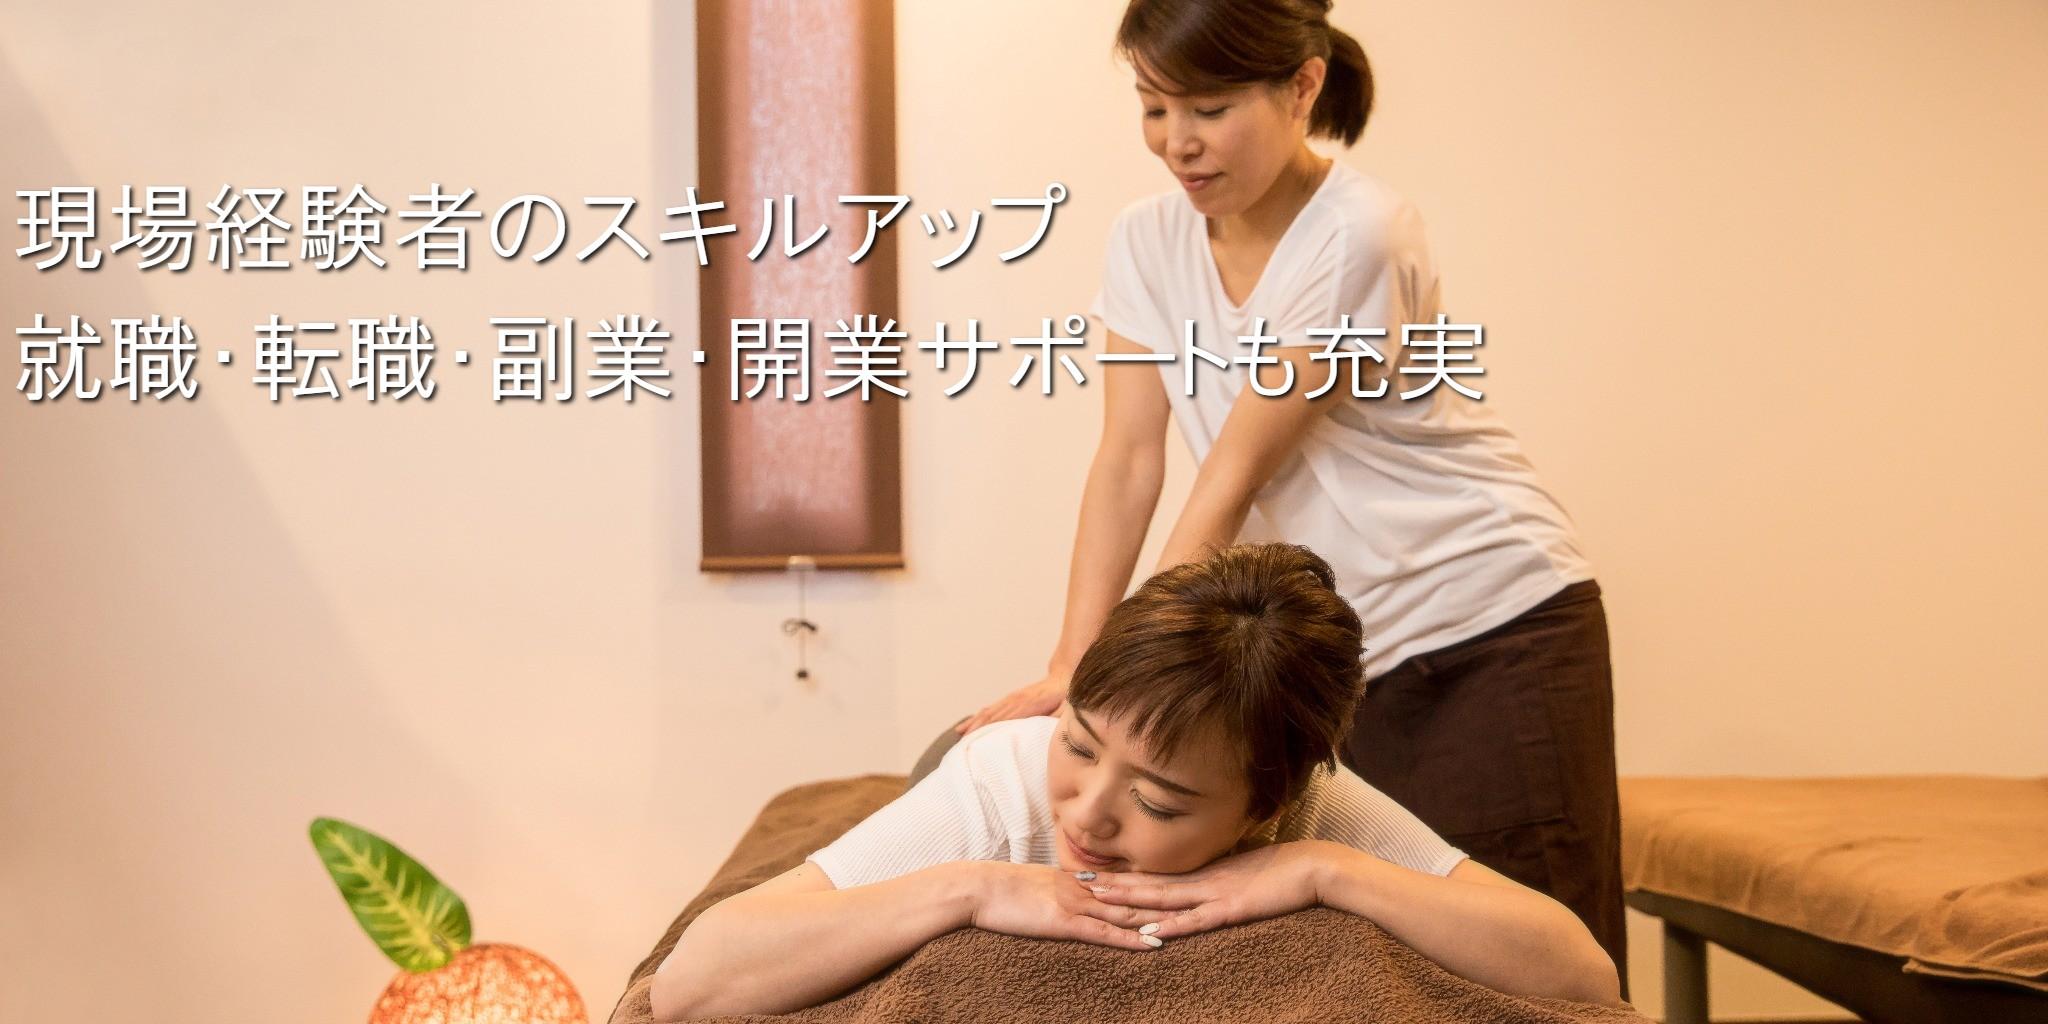 東京療術学院 現場経験者のスキルアップ